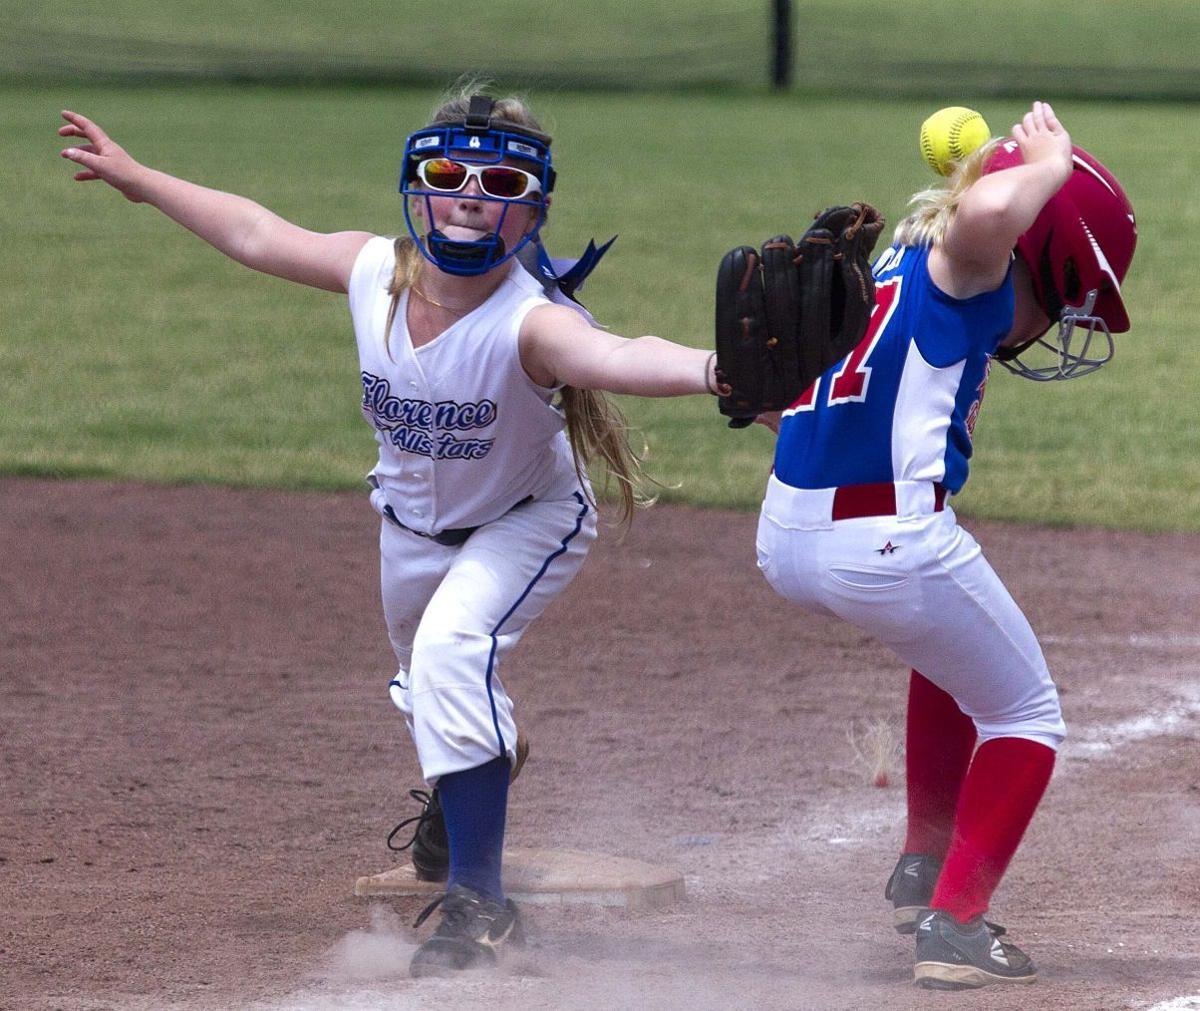 USSSA softball 18